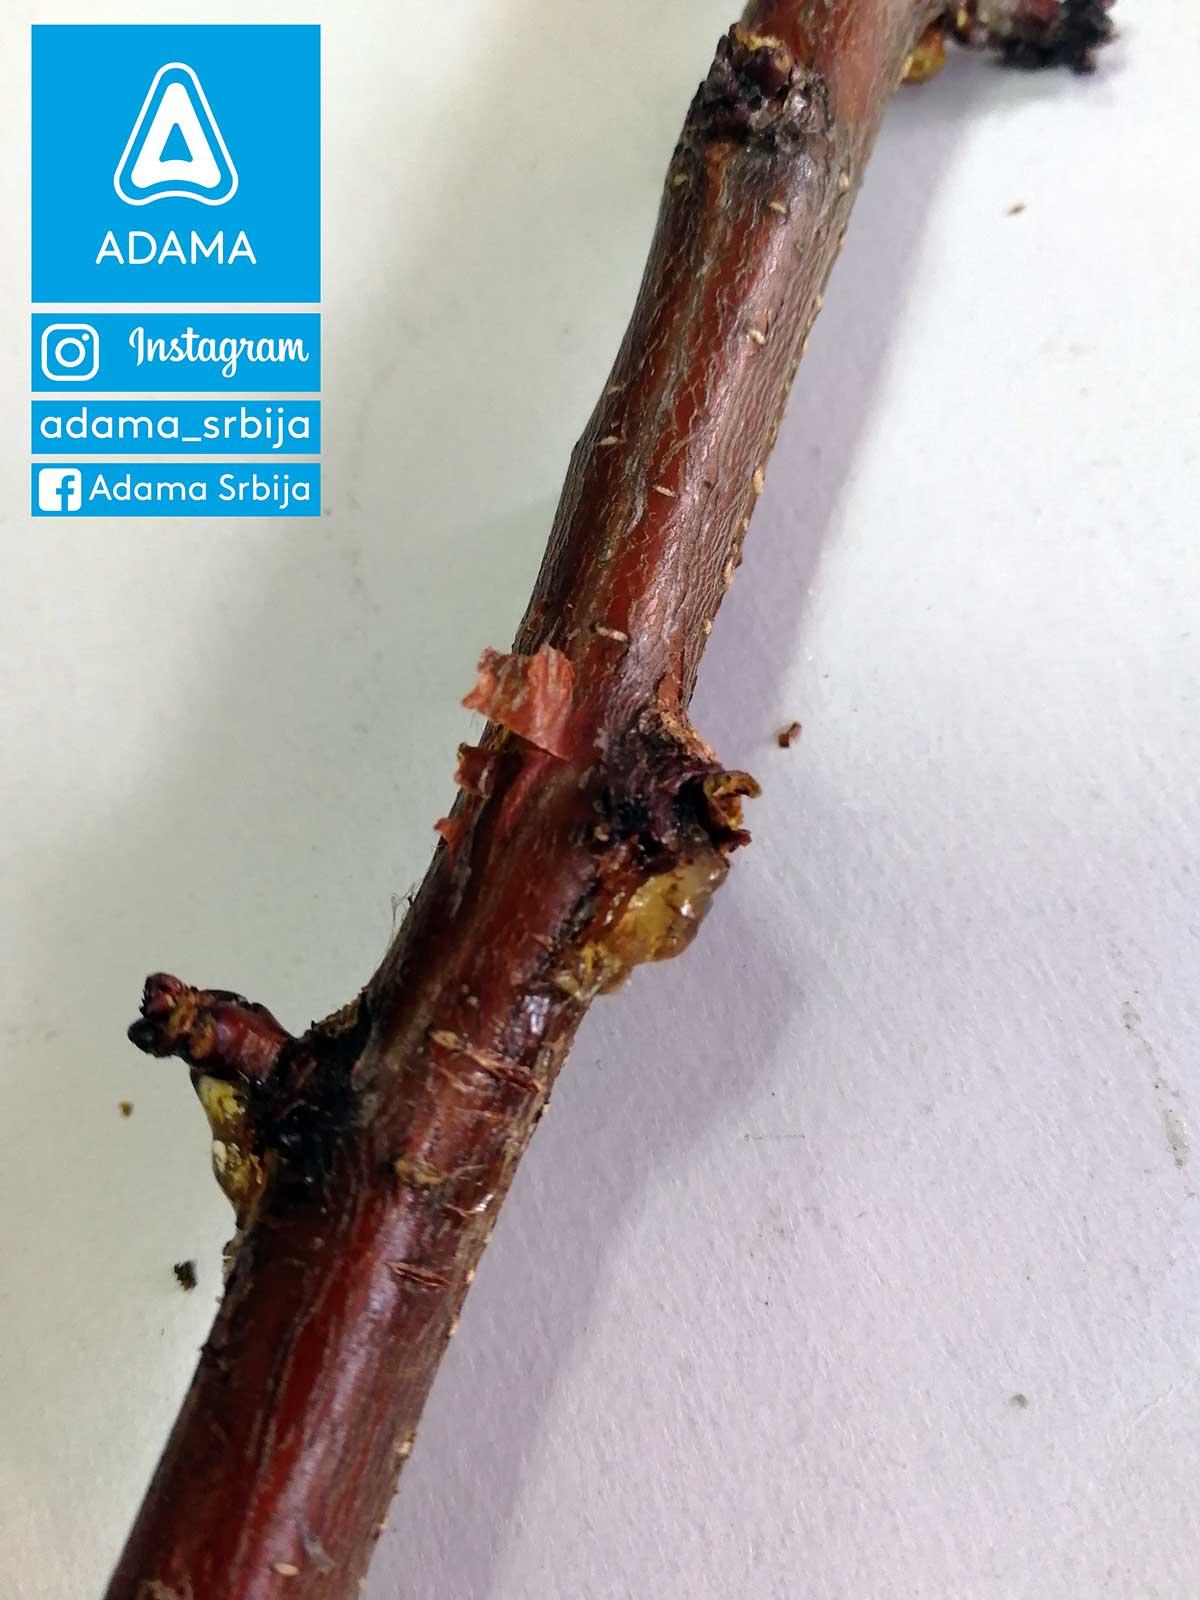 Agrosaveti---Adama---Jesenje-plavo-prskanje---bakterije---kosticavo-voce---bakterijski-eksudat-na-kajsiji-02